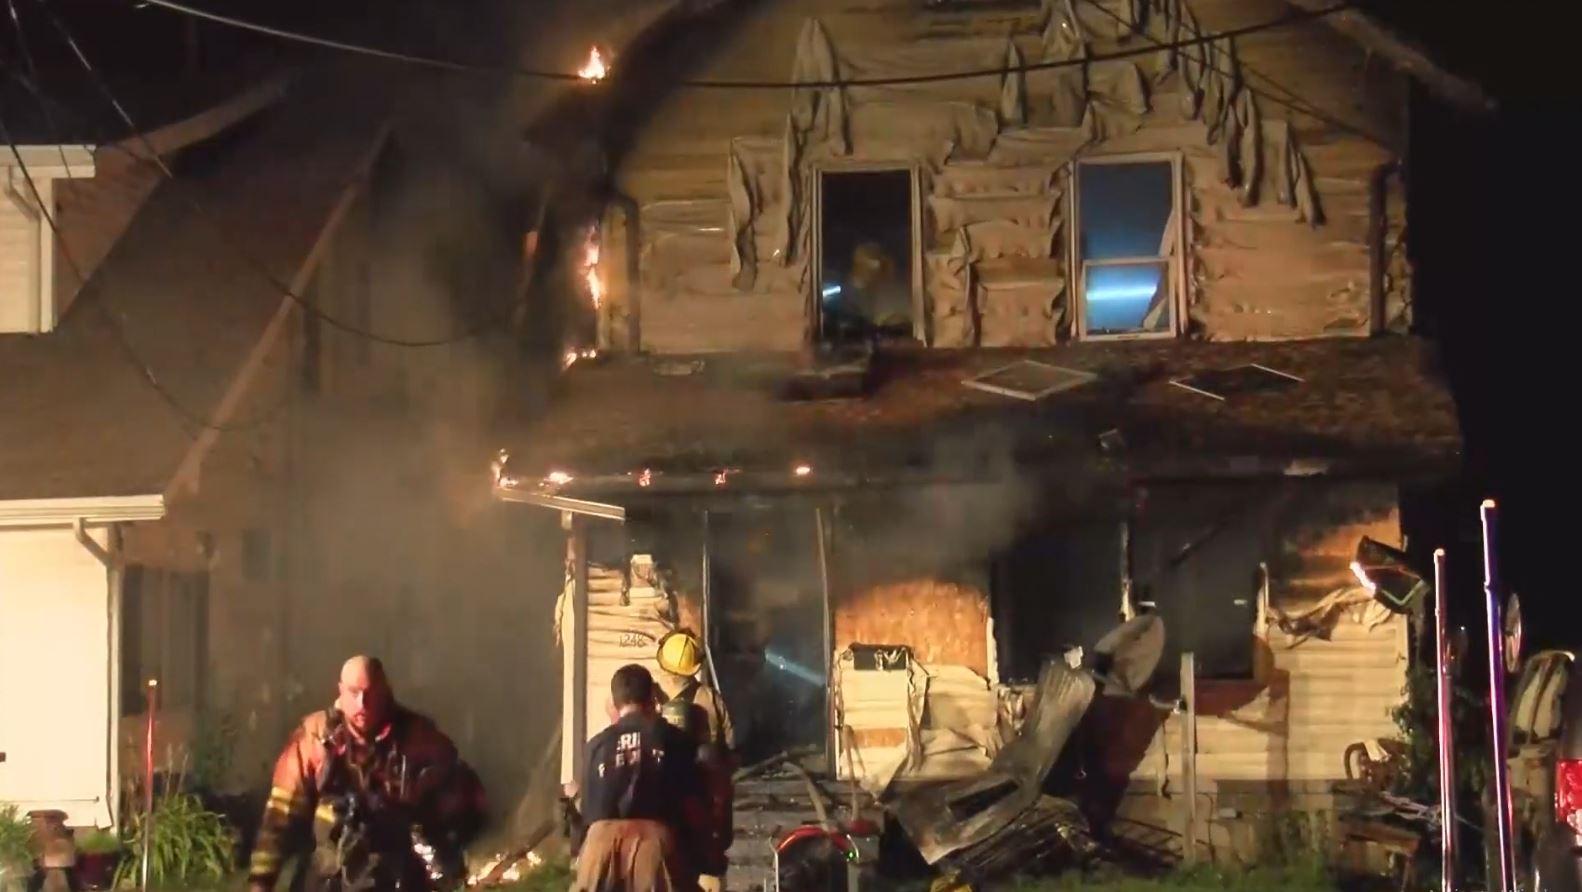 Tragjedi në SHBA, zjarr në një qendër të miturish, humbin jetën 5 fëmijë